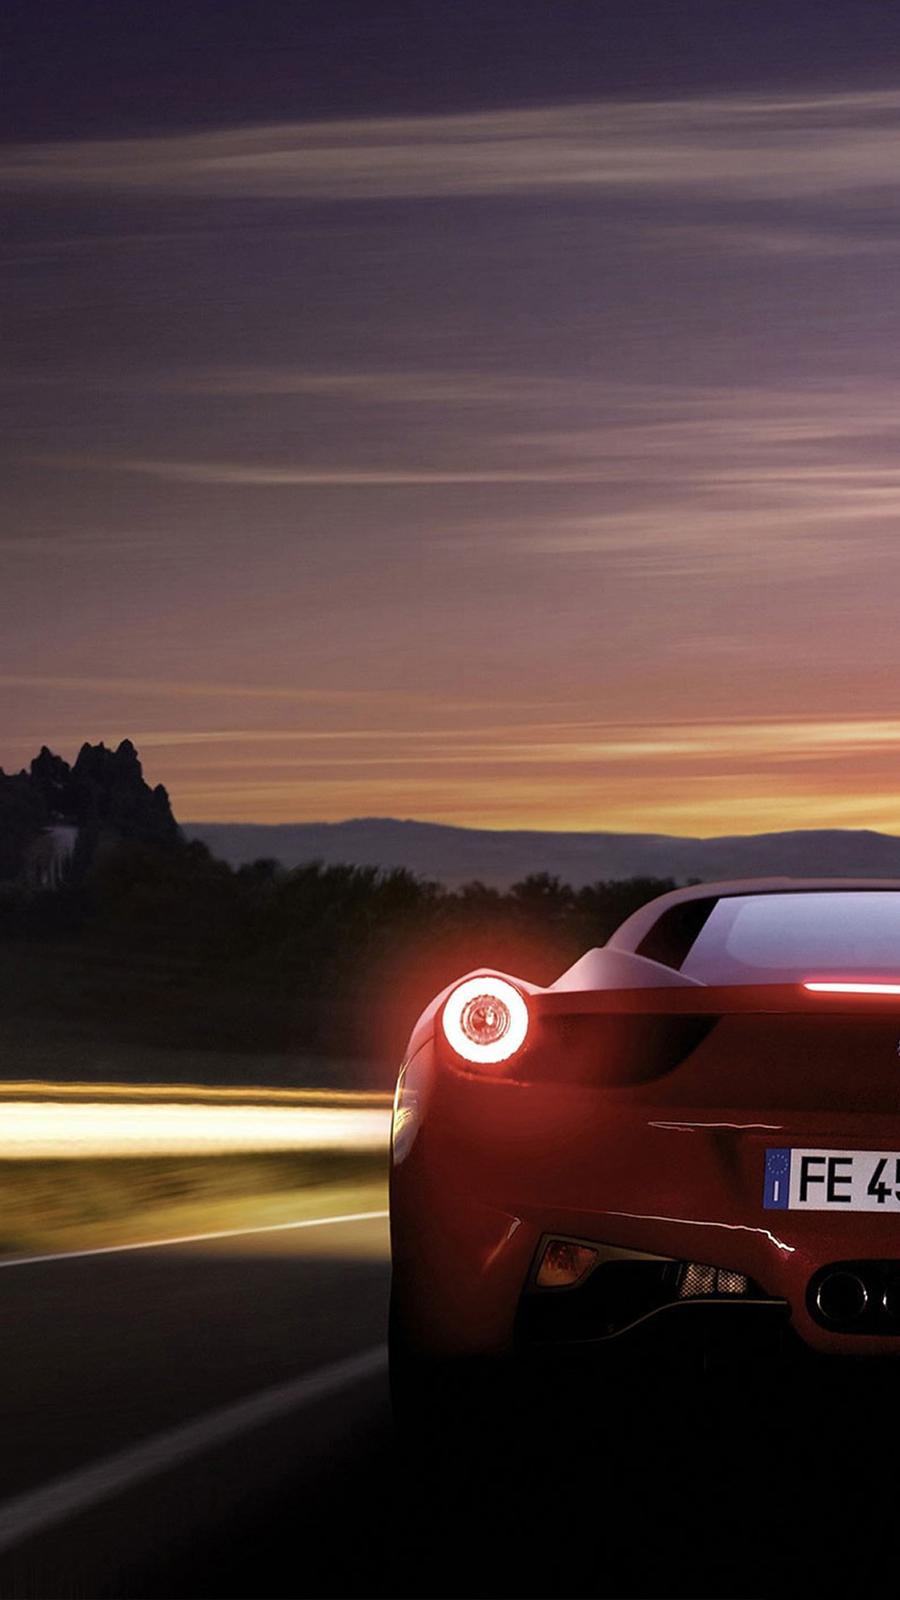 Ferrari 458 Italia Rear Phone Wallpapers Free Download